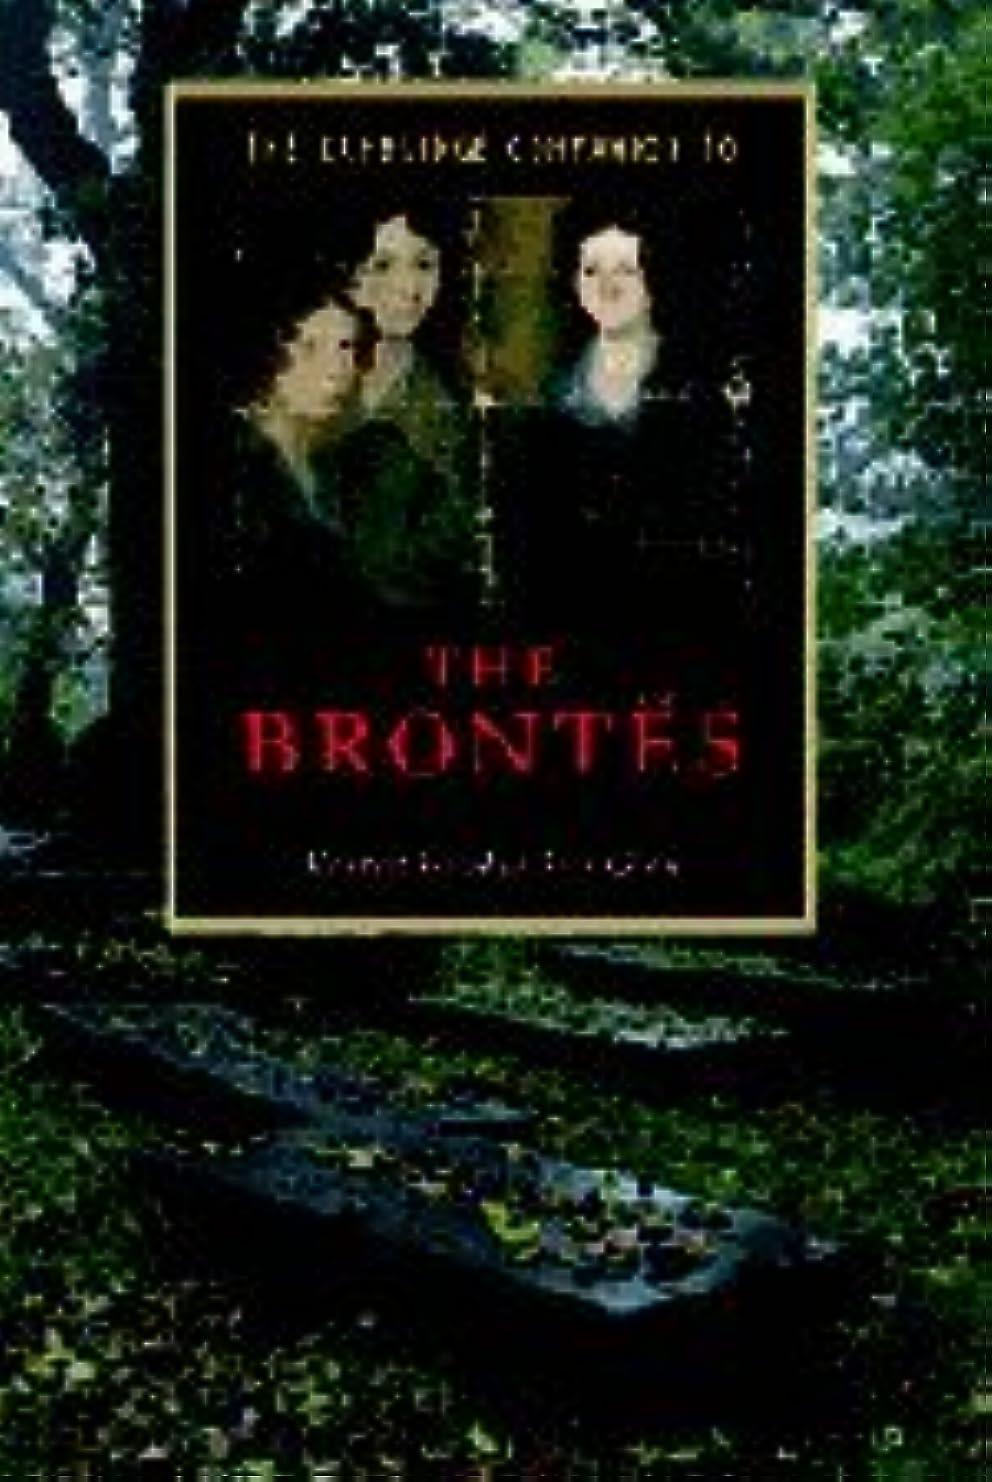 くさびあいにくジャーナリストThe Cambridge Companion to the Brontes (Cambridge Companions to Literature)